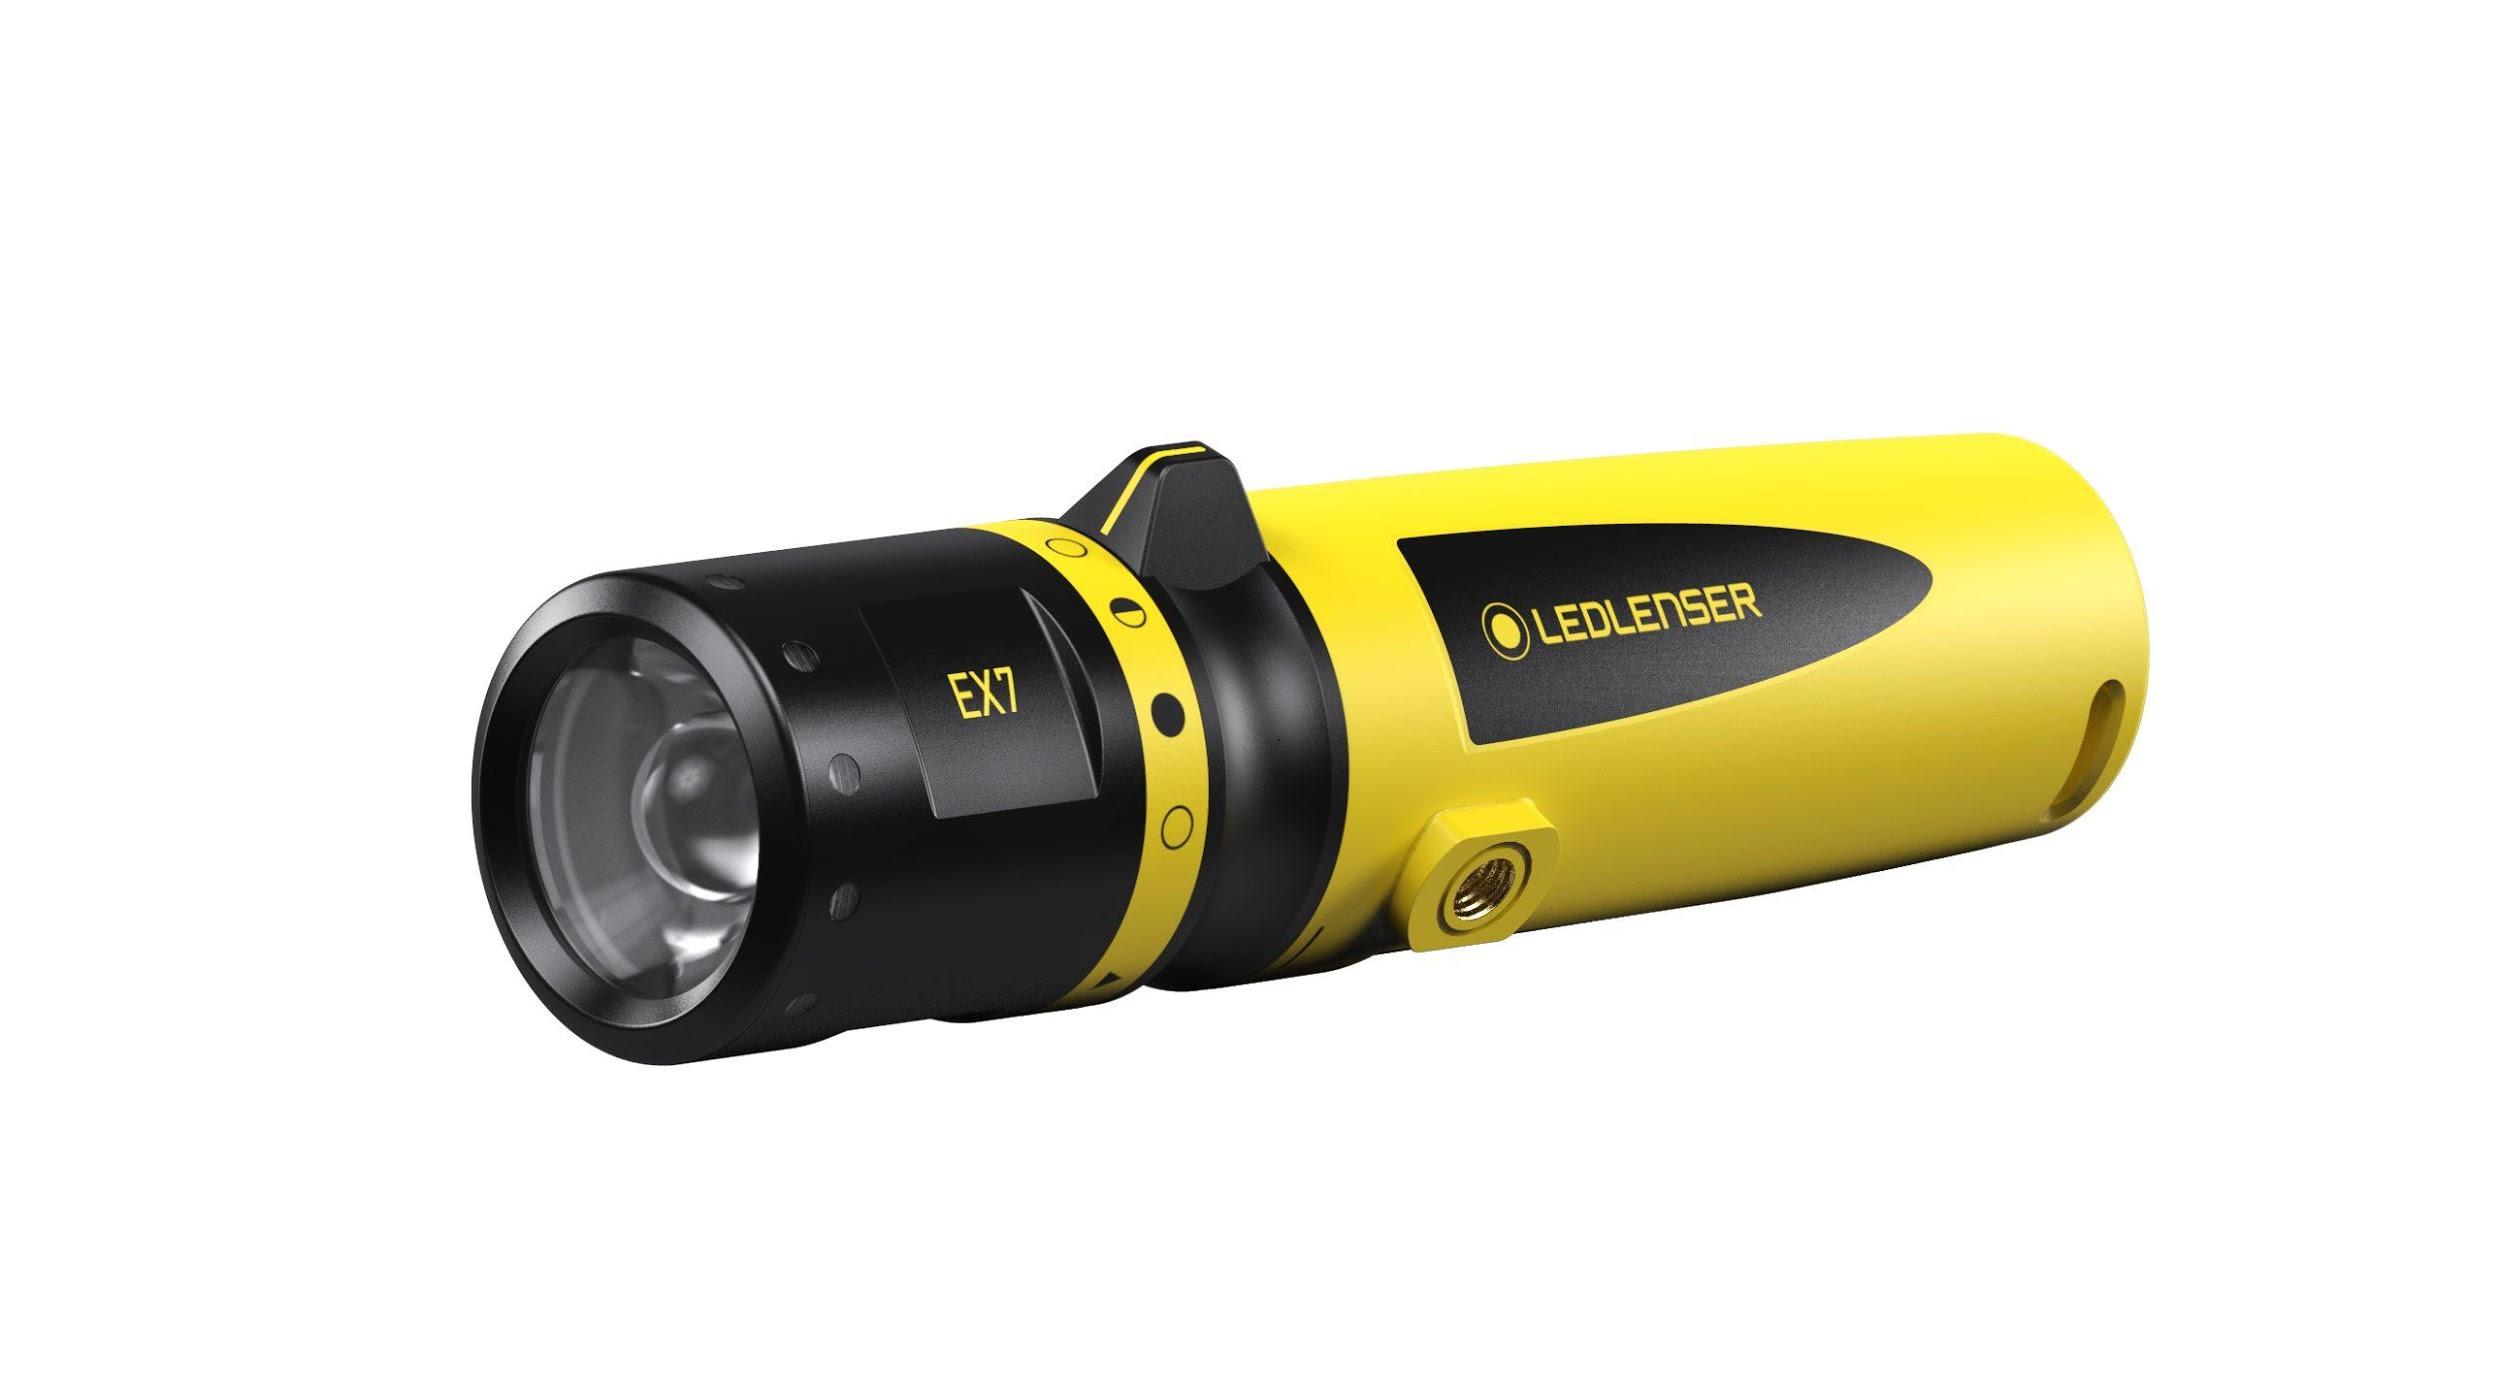 Đèn pin chống cháy – Sản phẩm đạt tiêu chuẩn chống cháy nổ